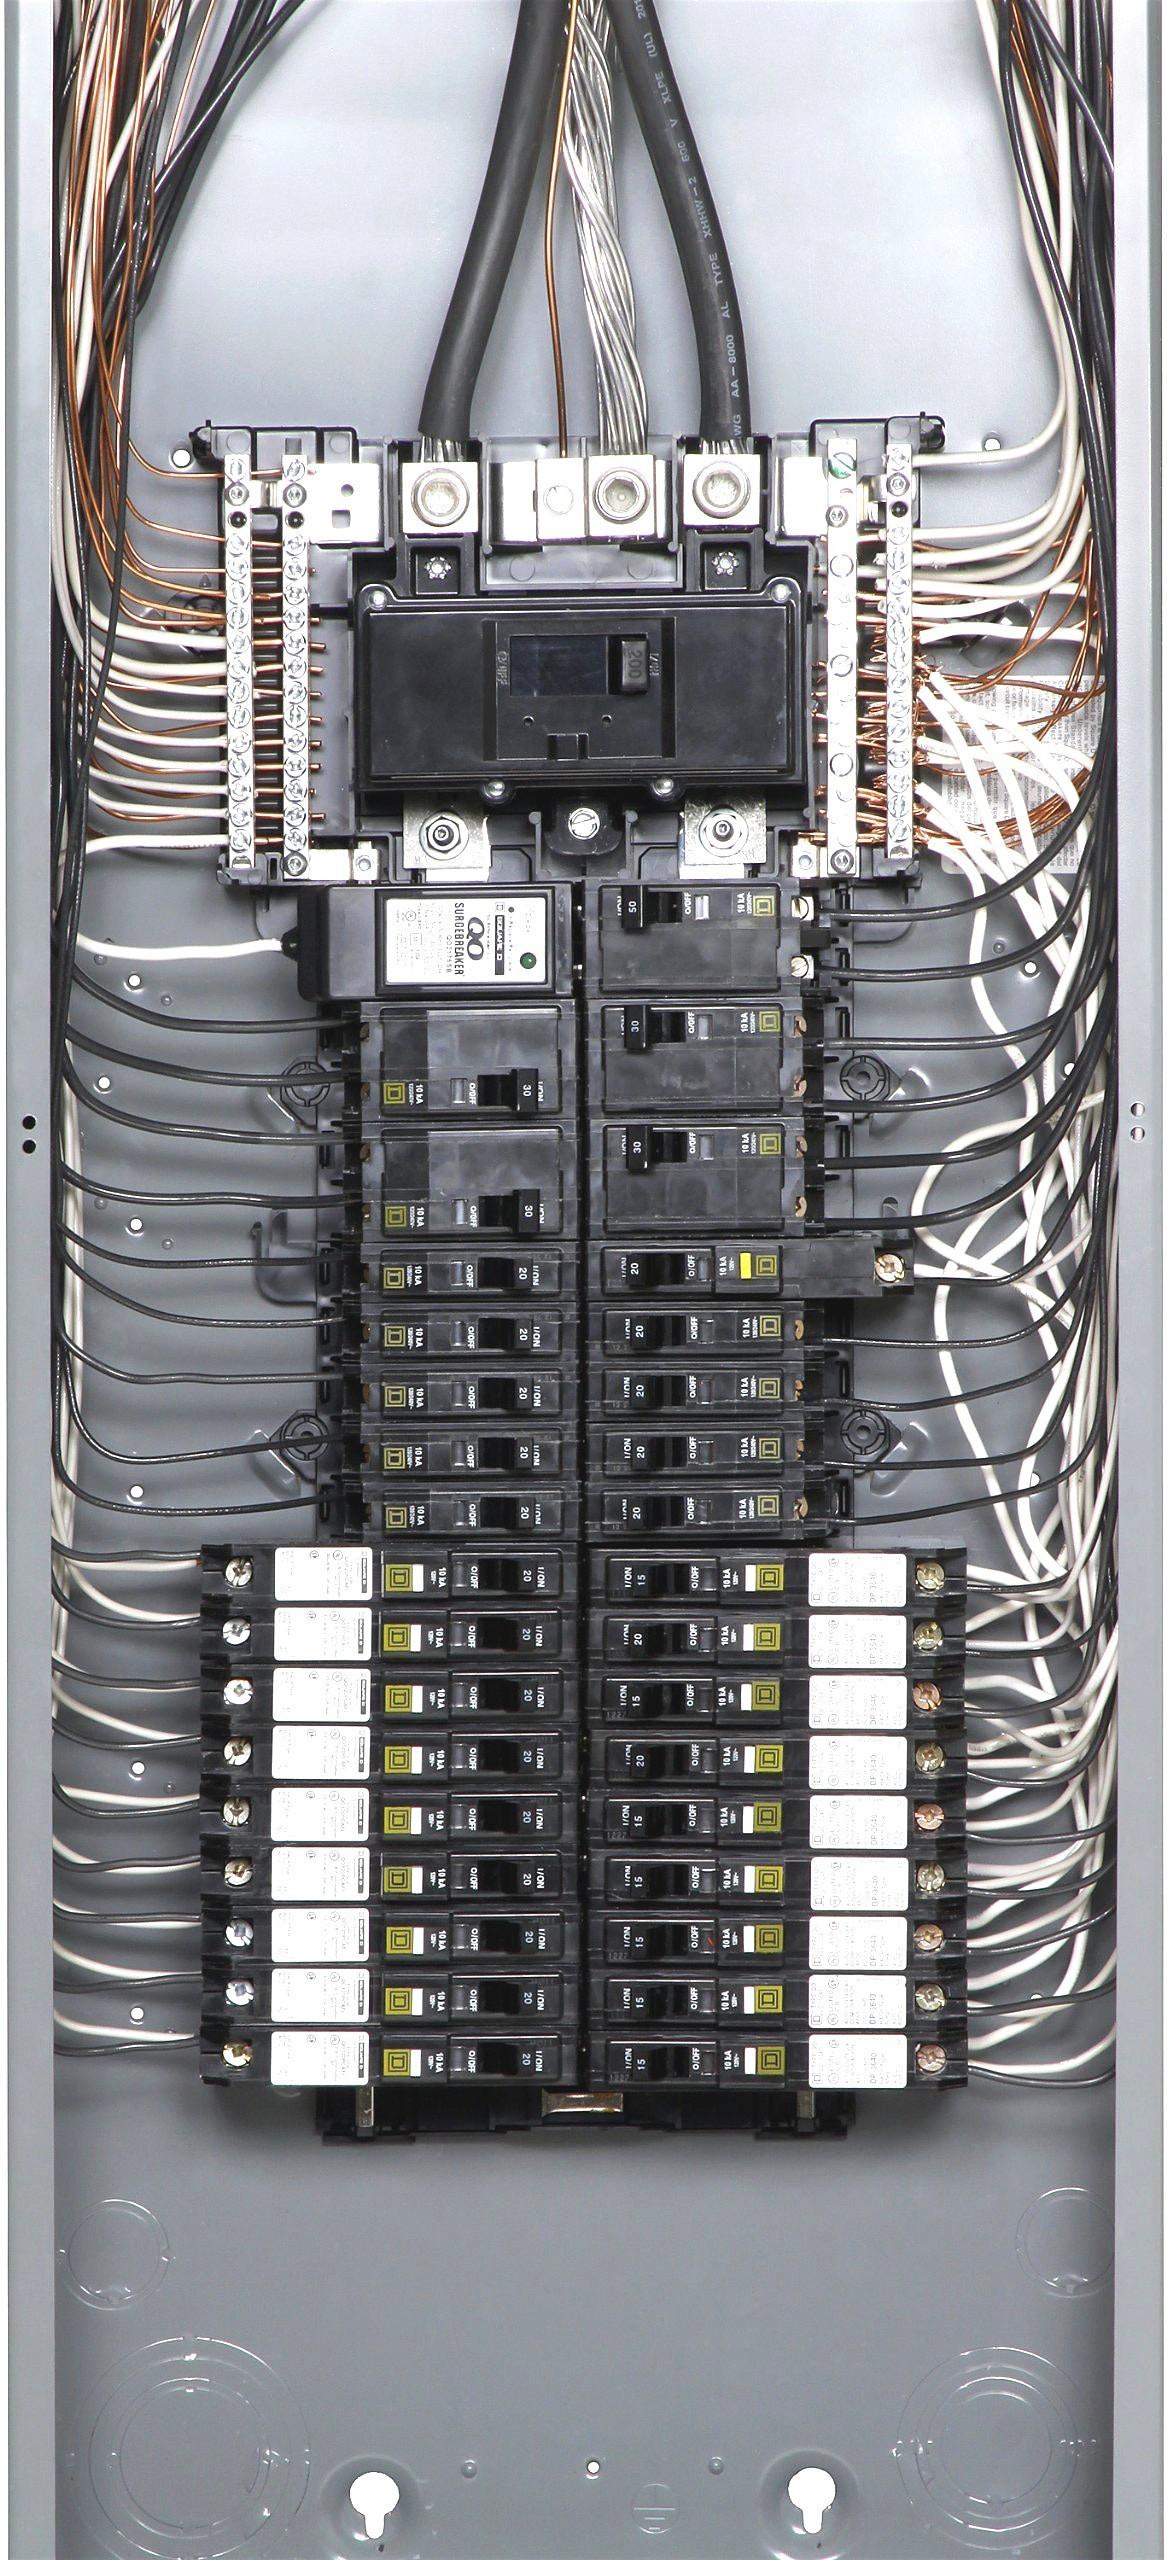 Square D Individual Subpanels Qo2L30Scp 64 1000 Load Center Wiring - Square D Load Center Wiring Diagram